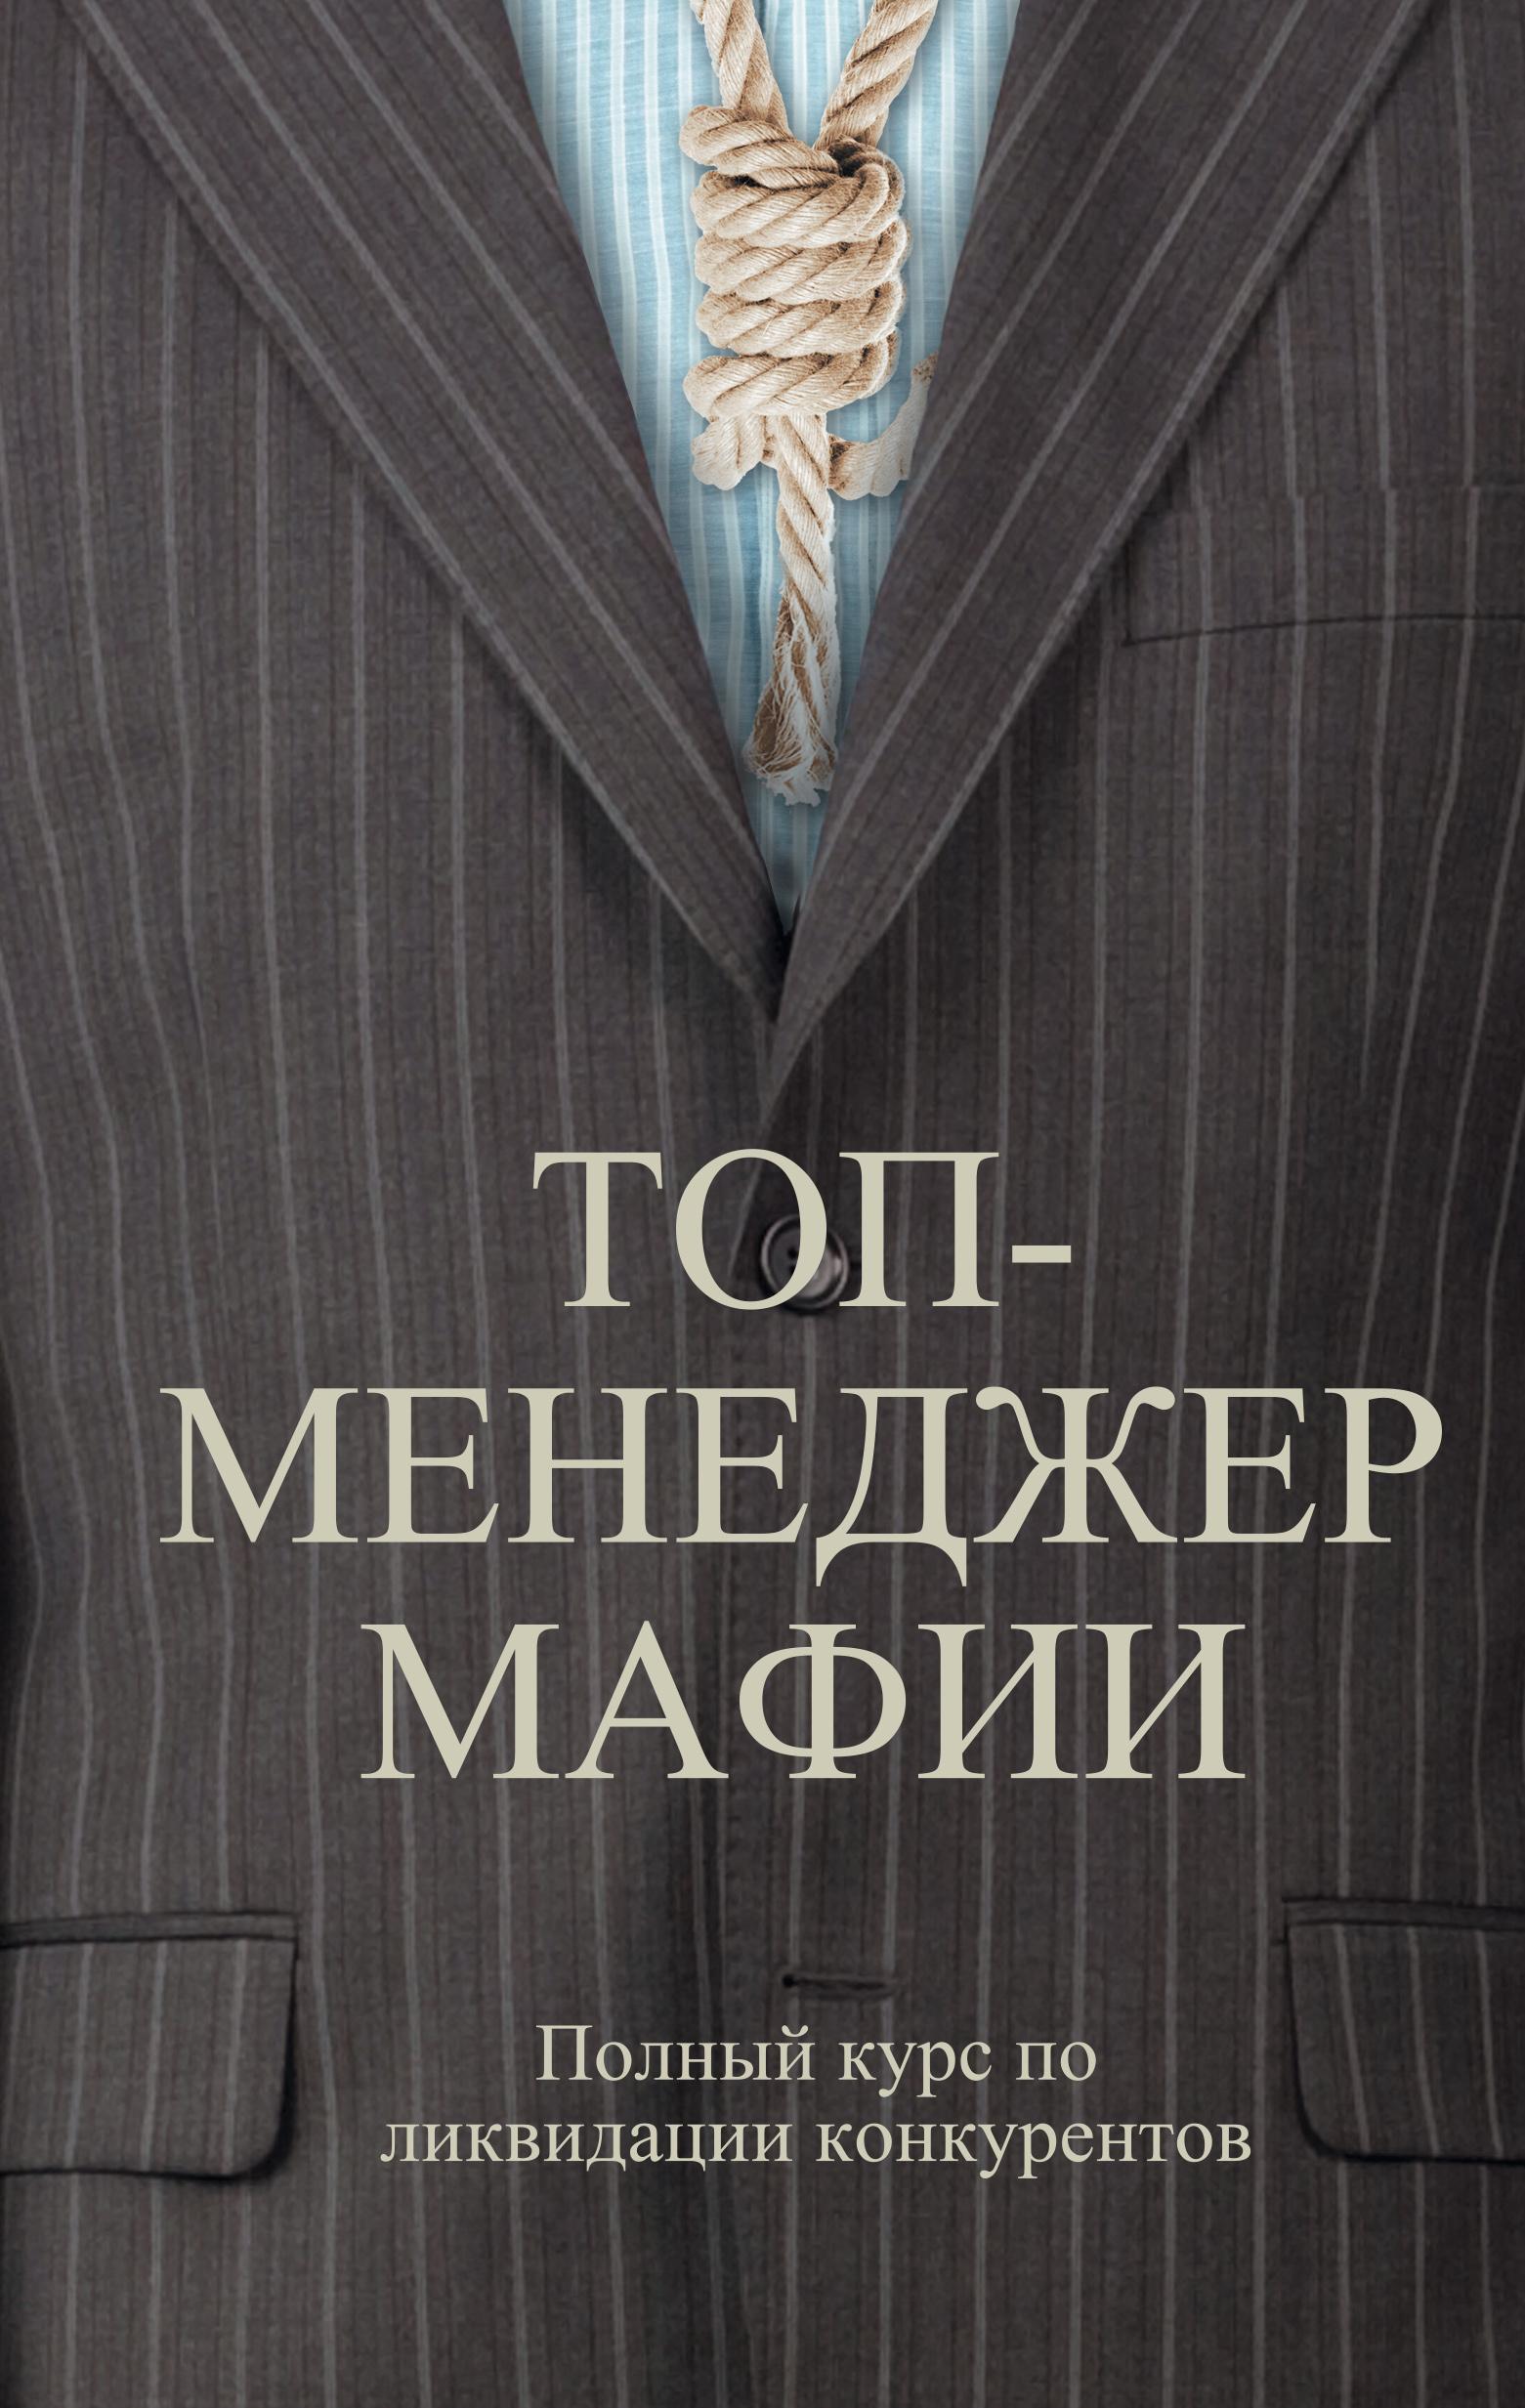 Обложка книги. Автор - Андрей Шляхов